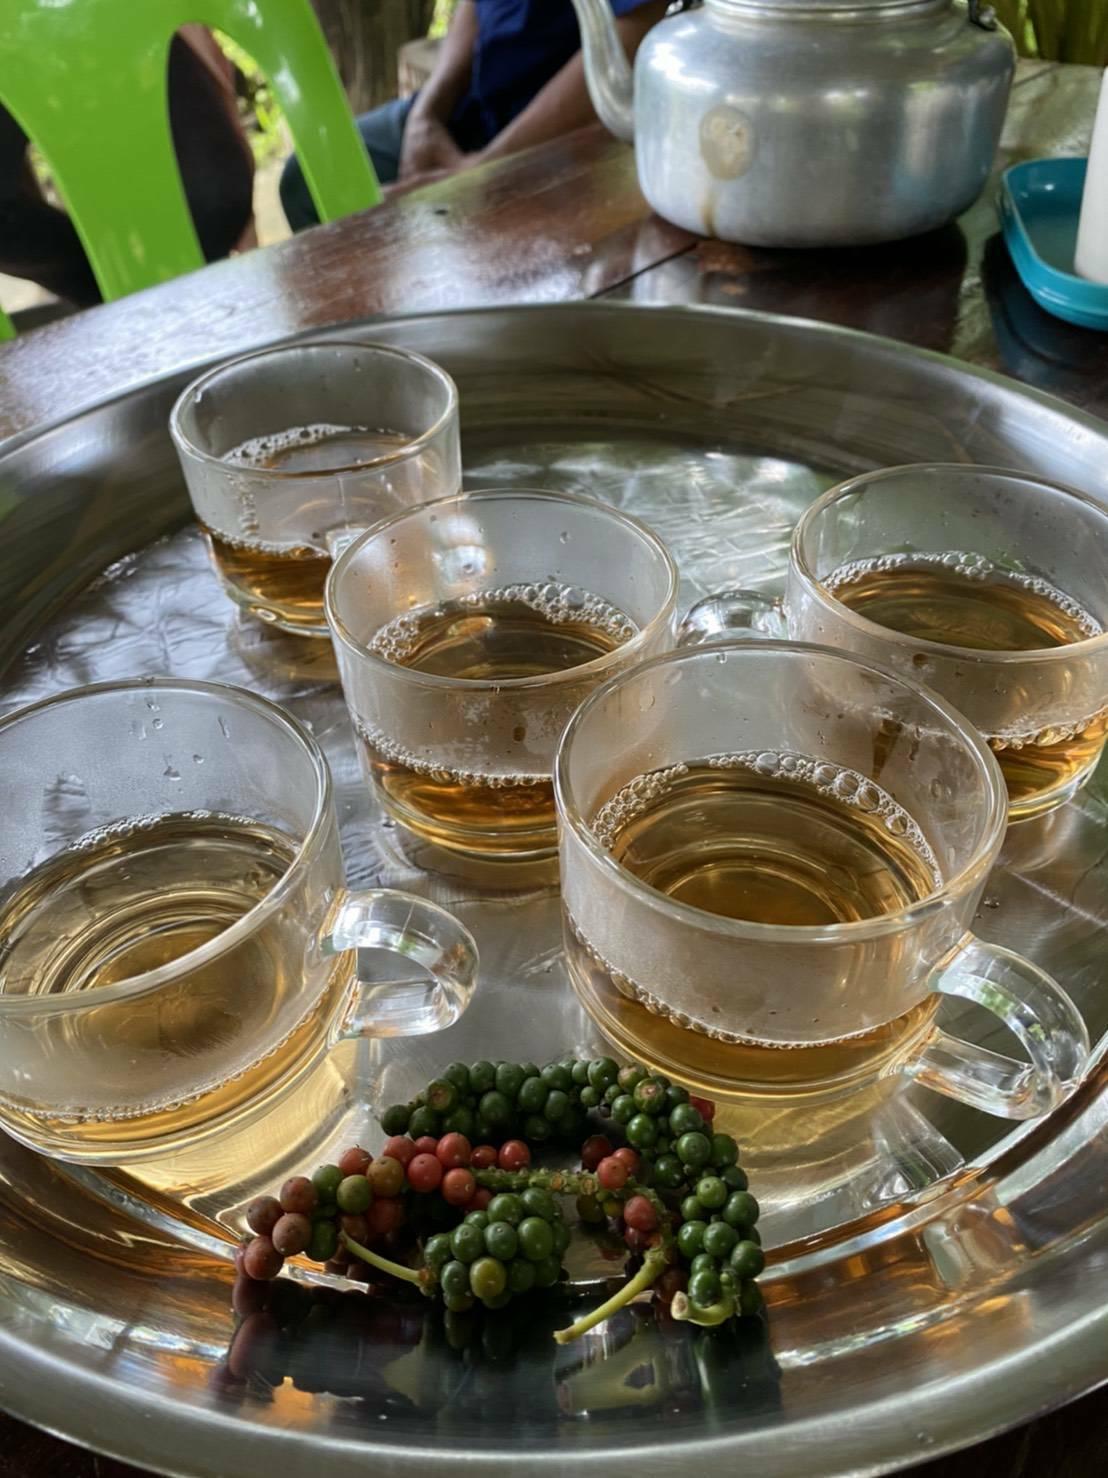 ชาพริกไทยปะเหลียนขายดีมาก(ดูในคลิปประกอบได้)